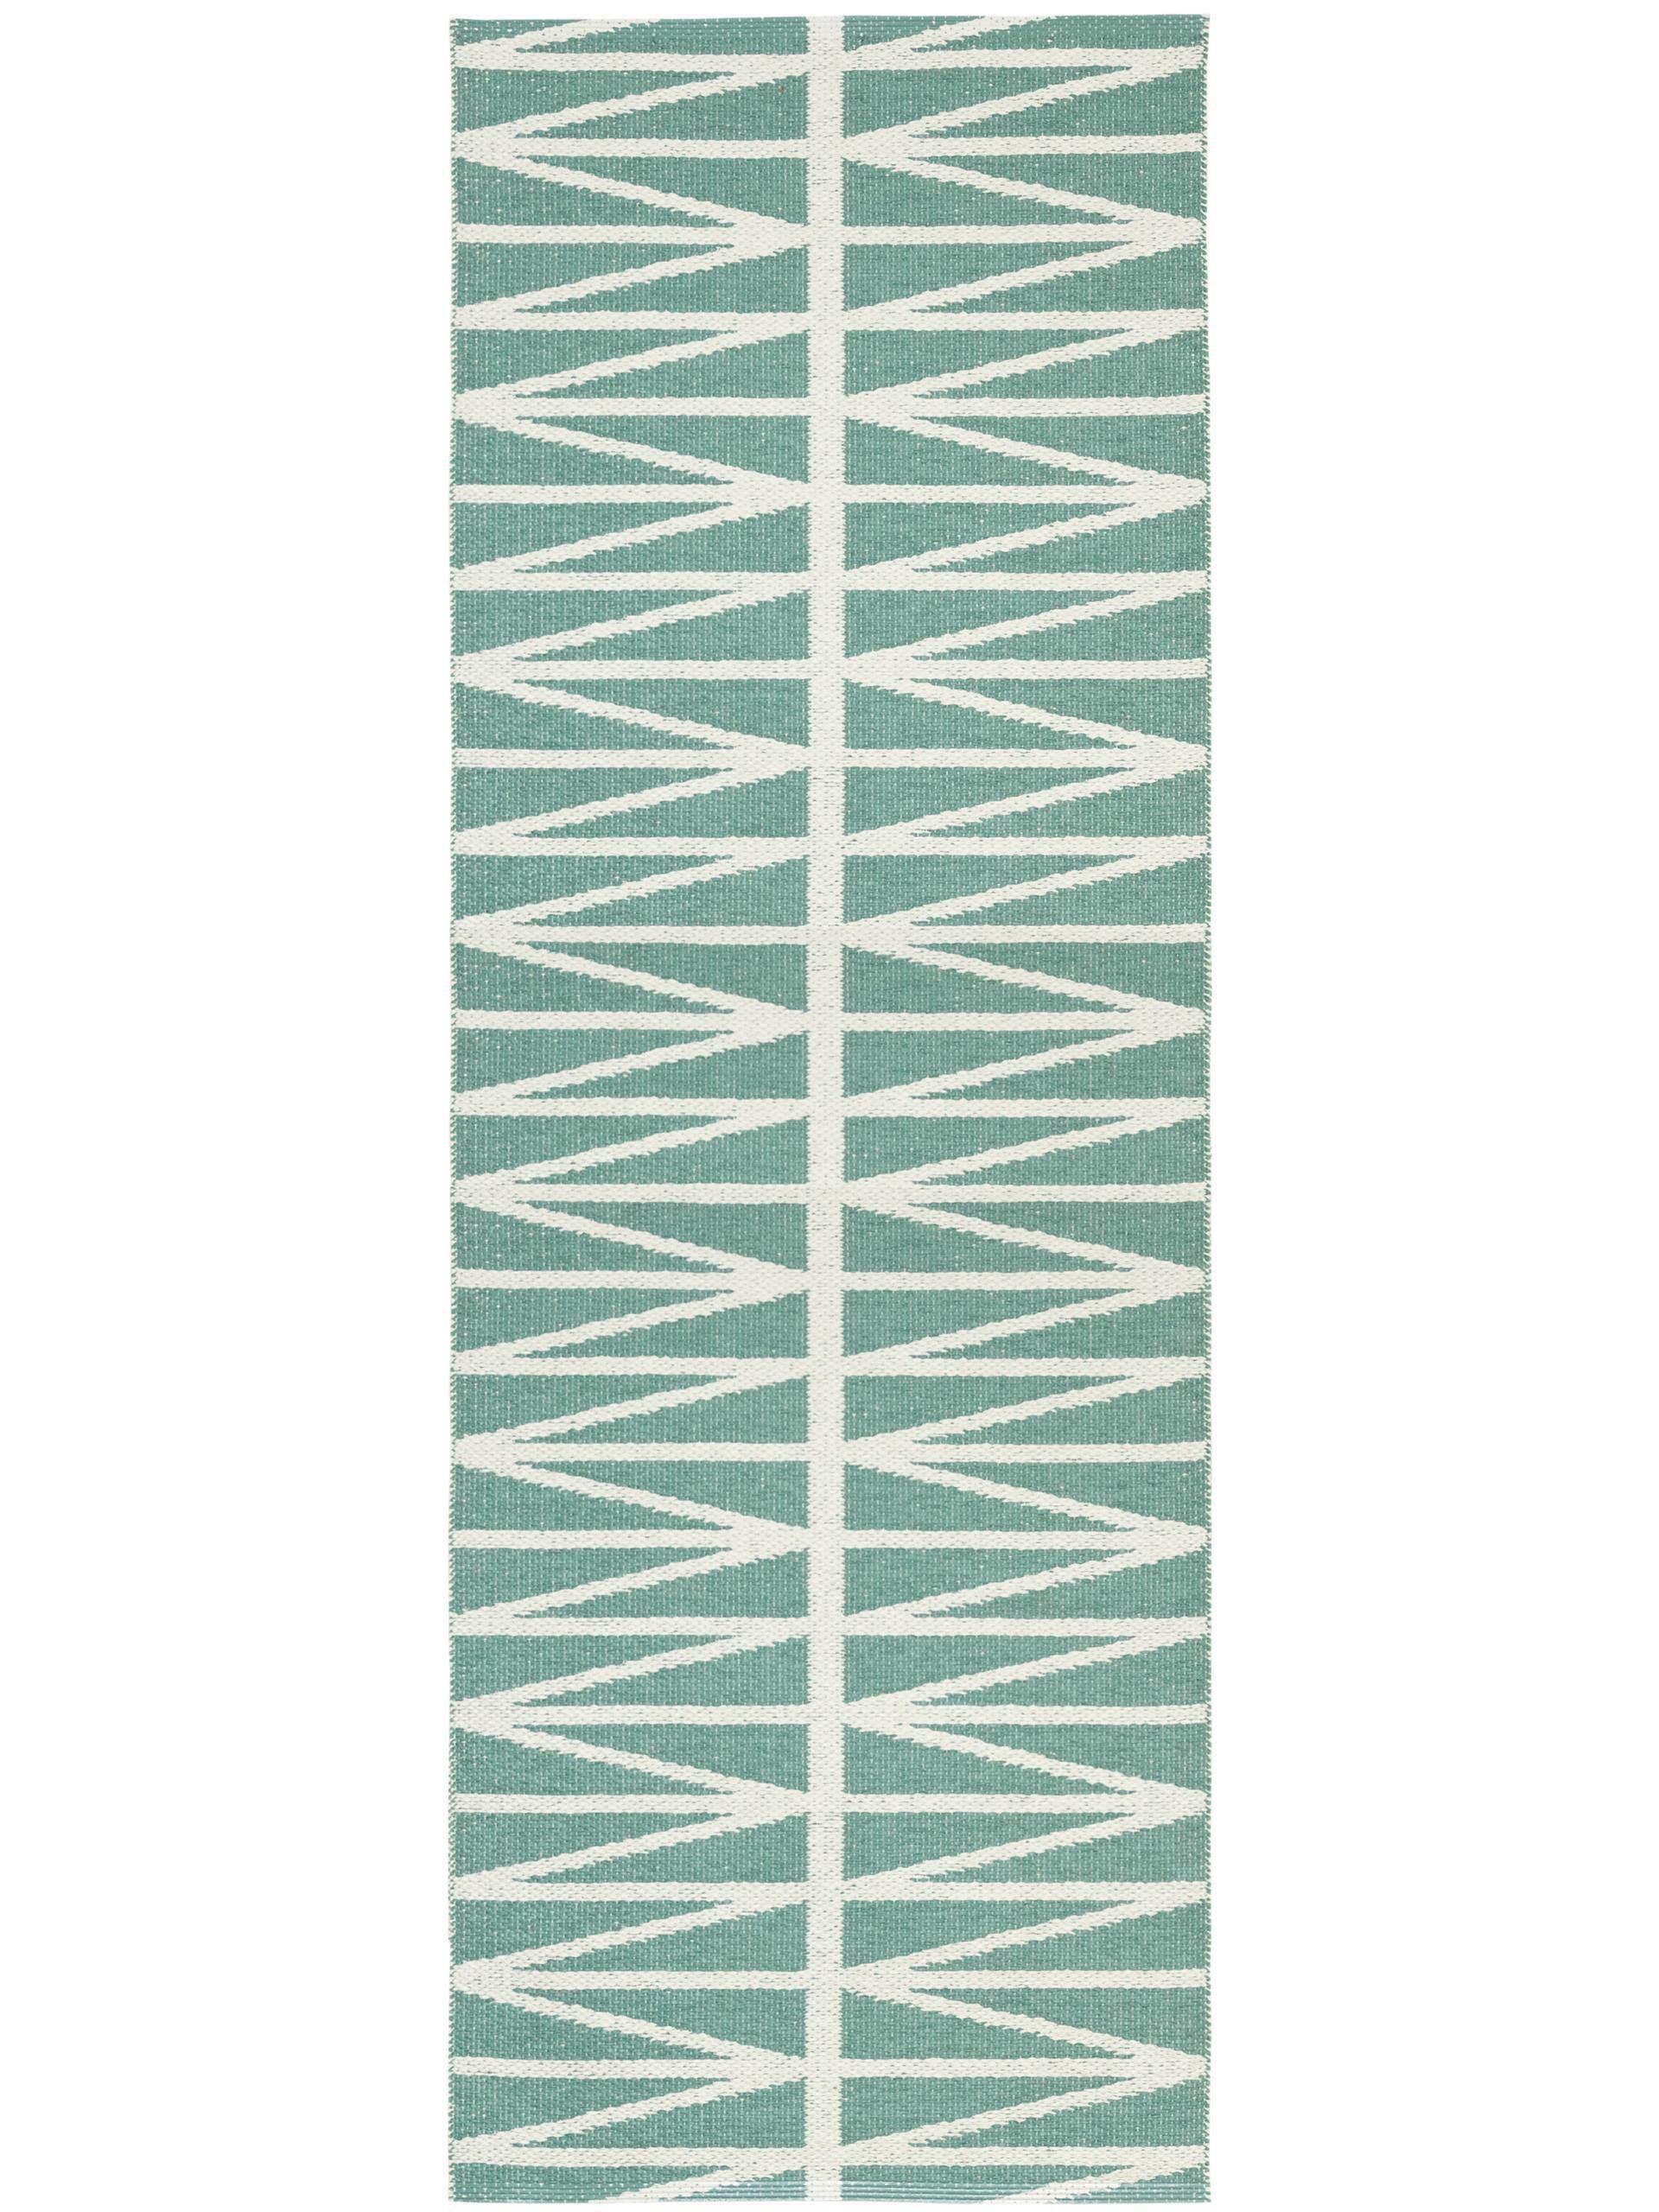 a30dcff2a366964736a991b0d9d2671f Inspiration Outdoor Teppich Kunststoff Schema